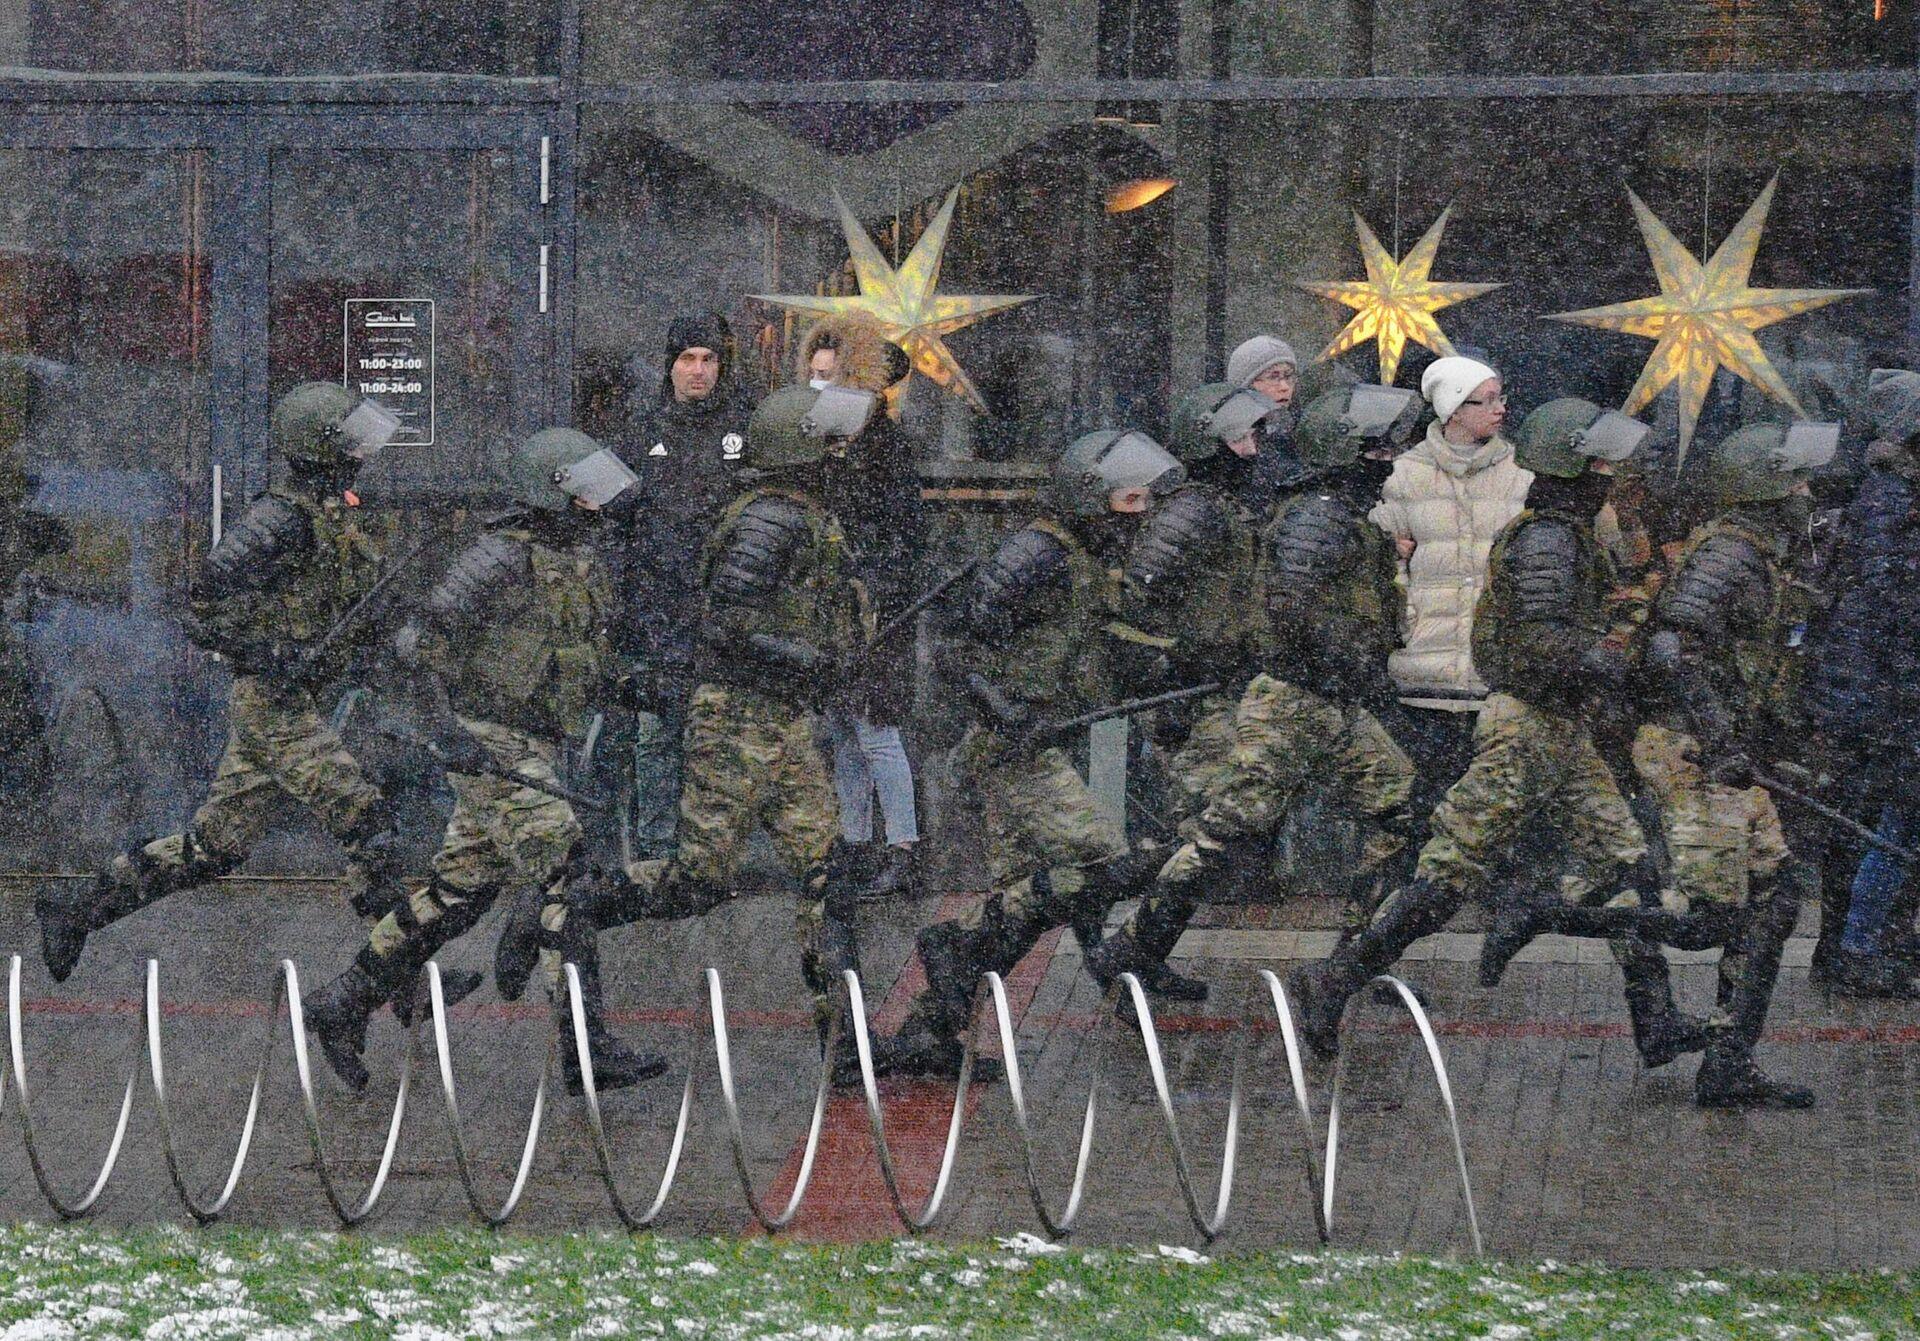 Сотрудники правоохранительных органов во время несанкционированной акции протеста Марш соседей в Минске - РИА Новости, 1920, 20.01.2021